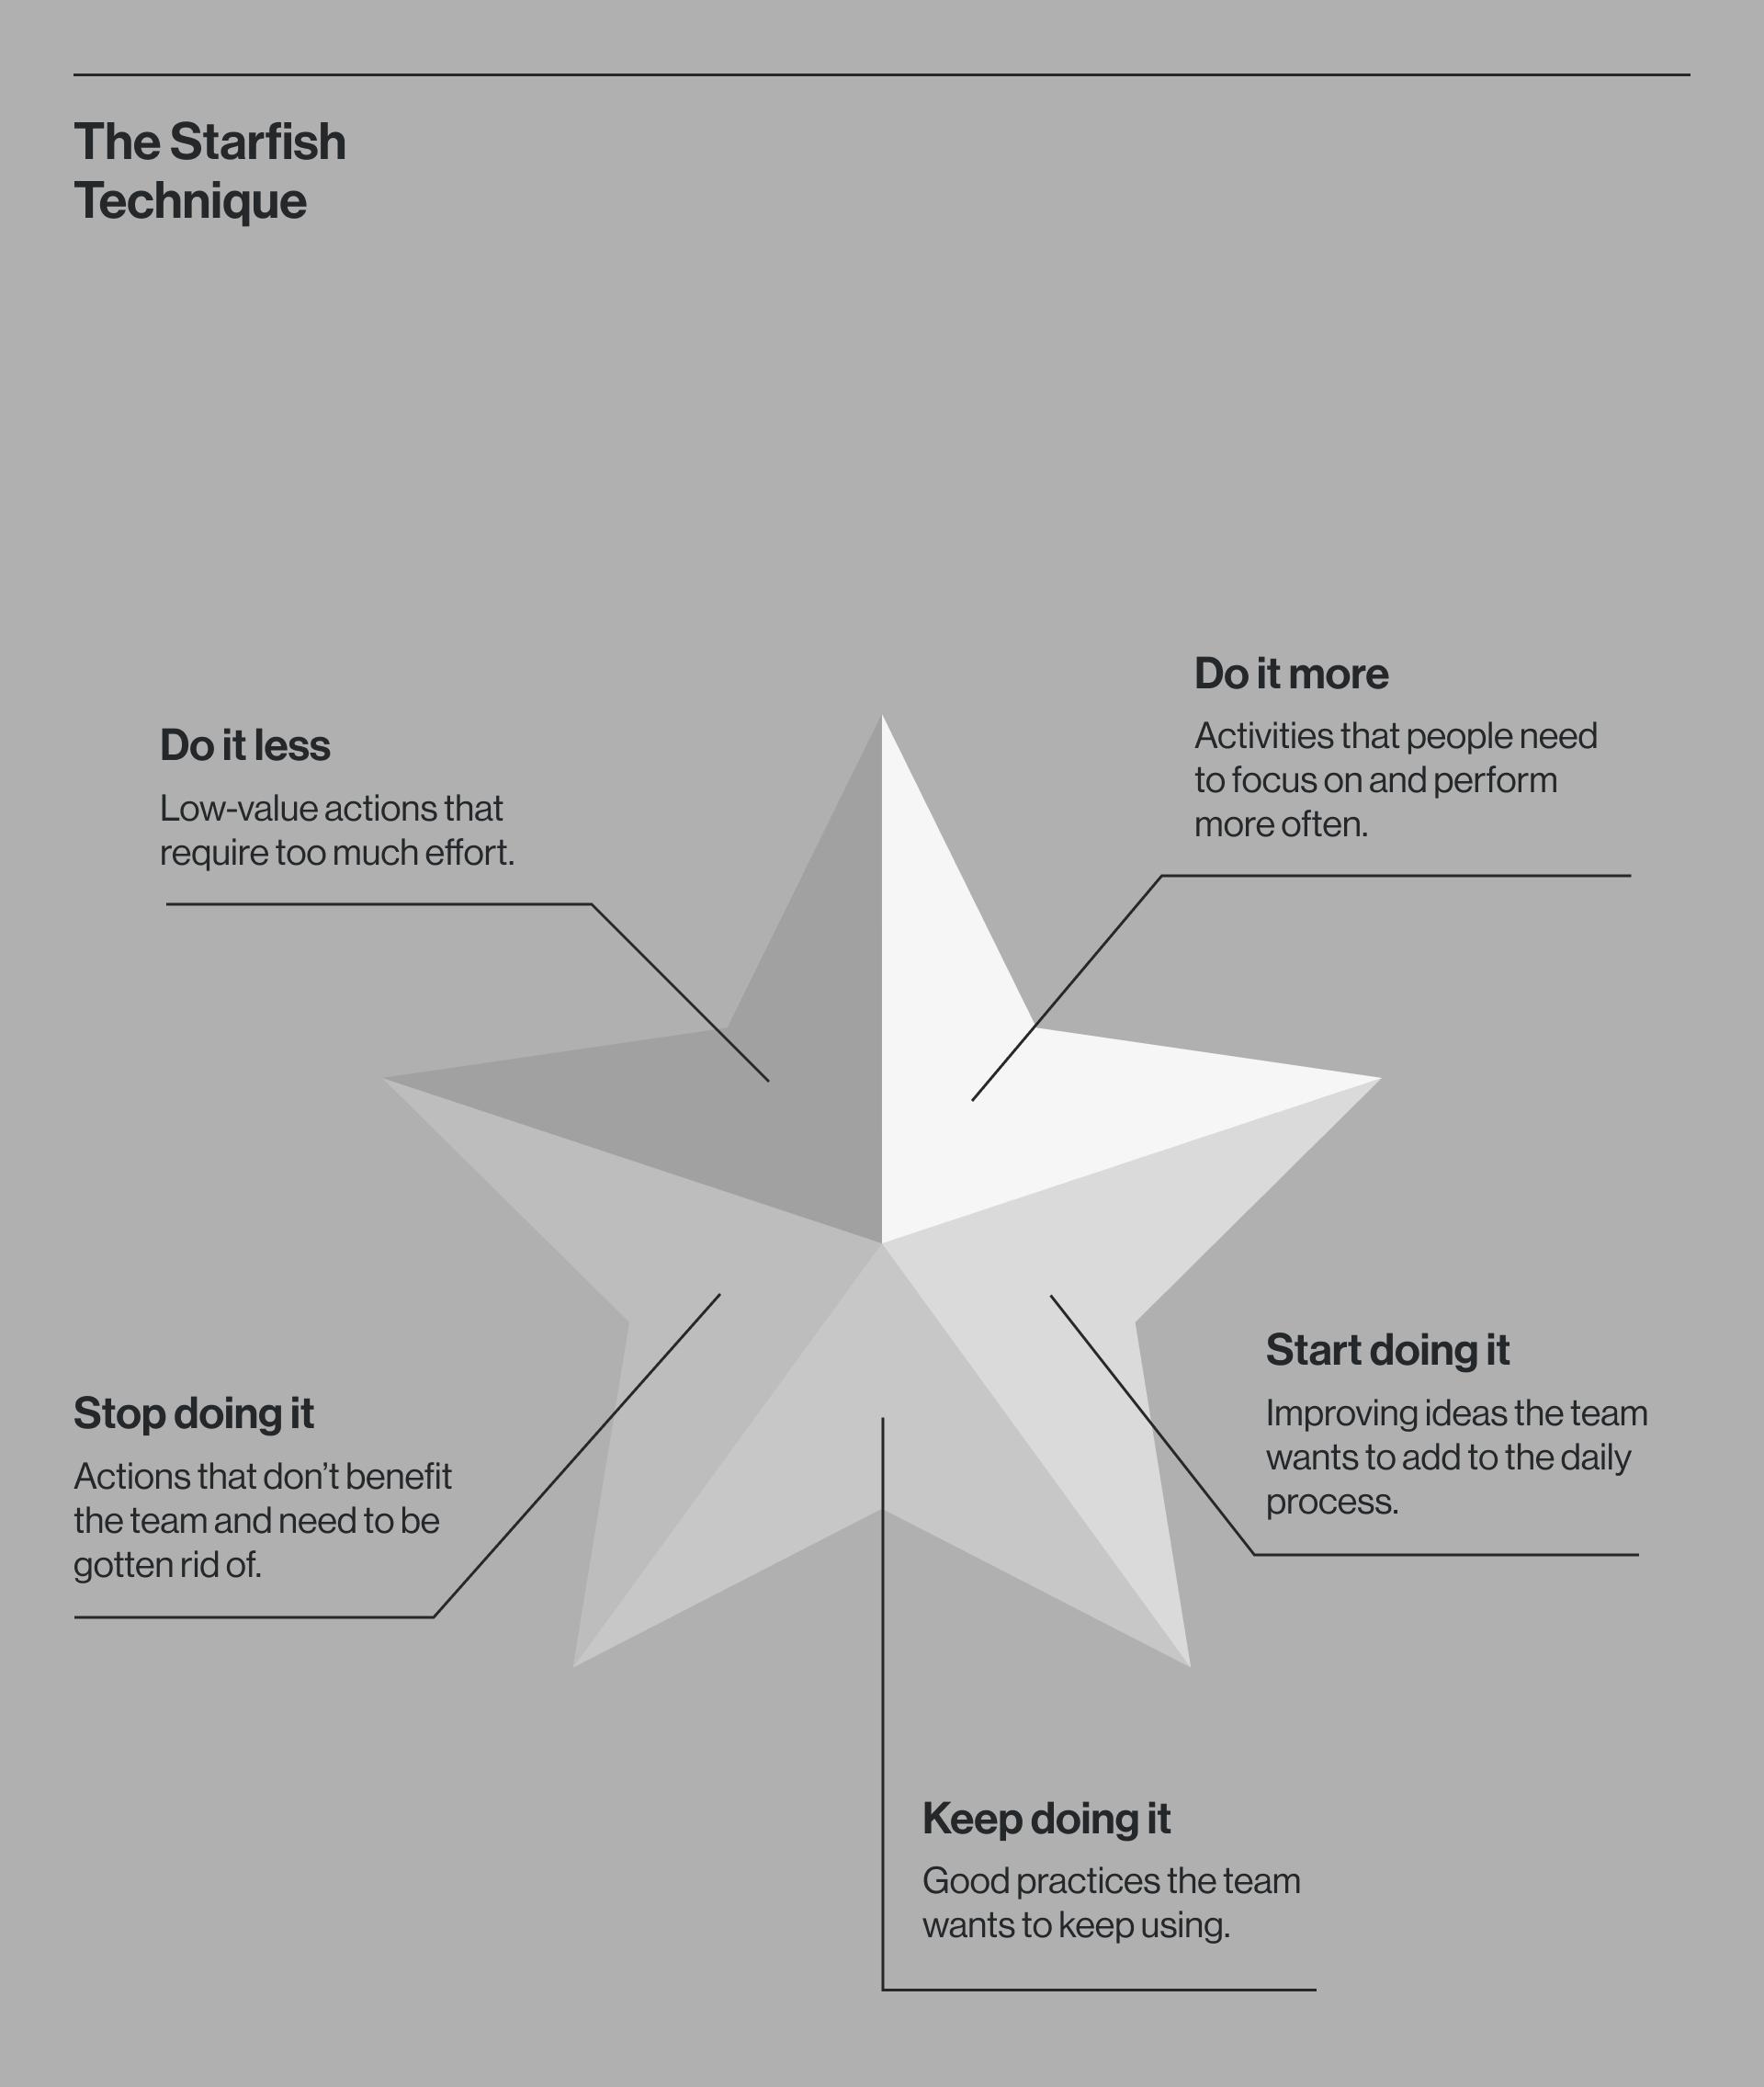 The Starfish technique